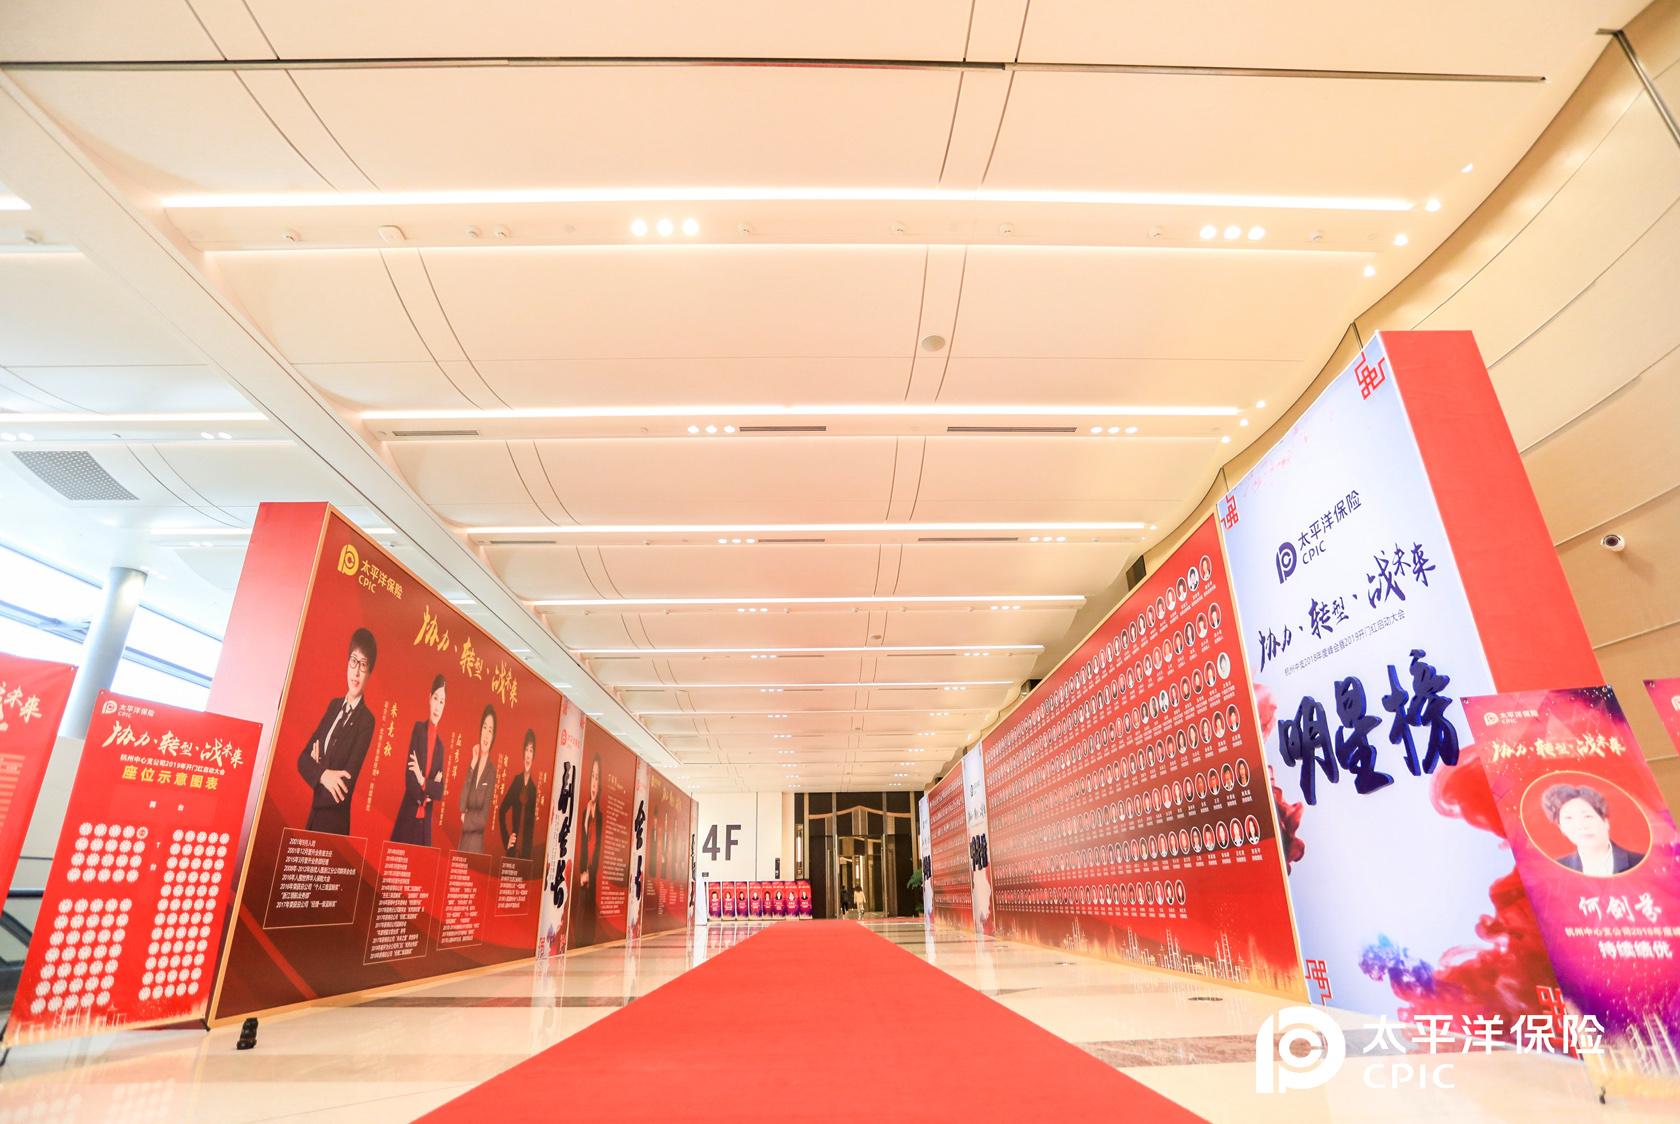 太平洋保险杭州公司启动大会活动现场